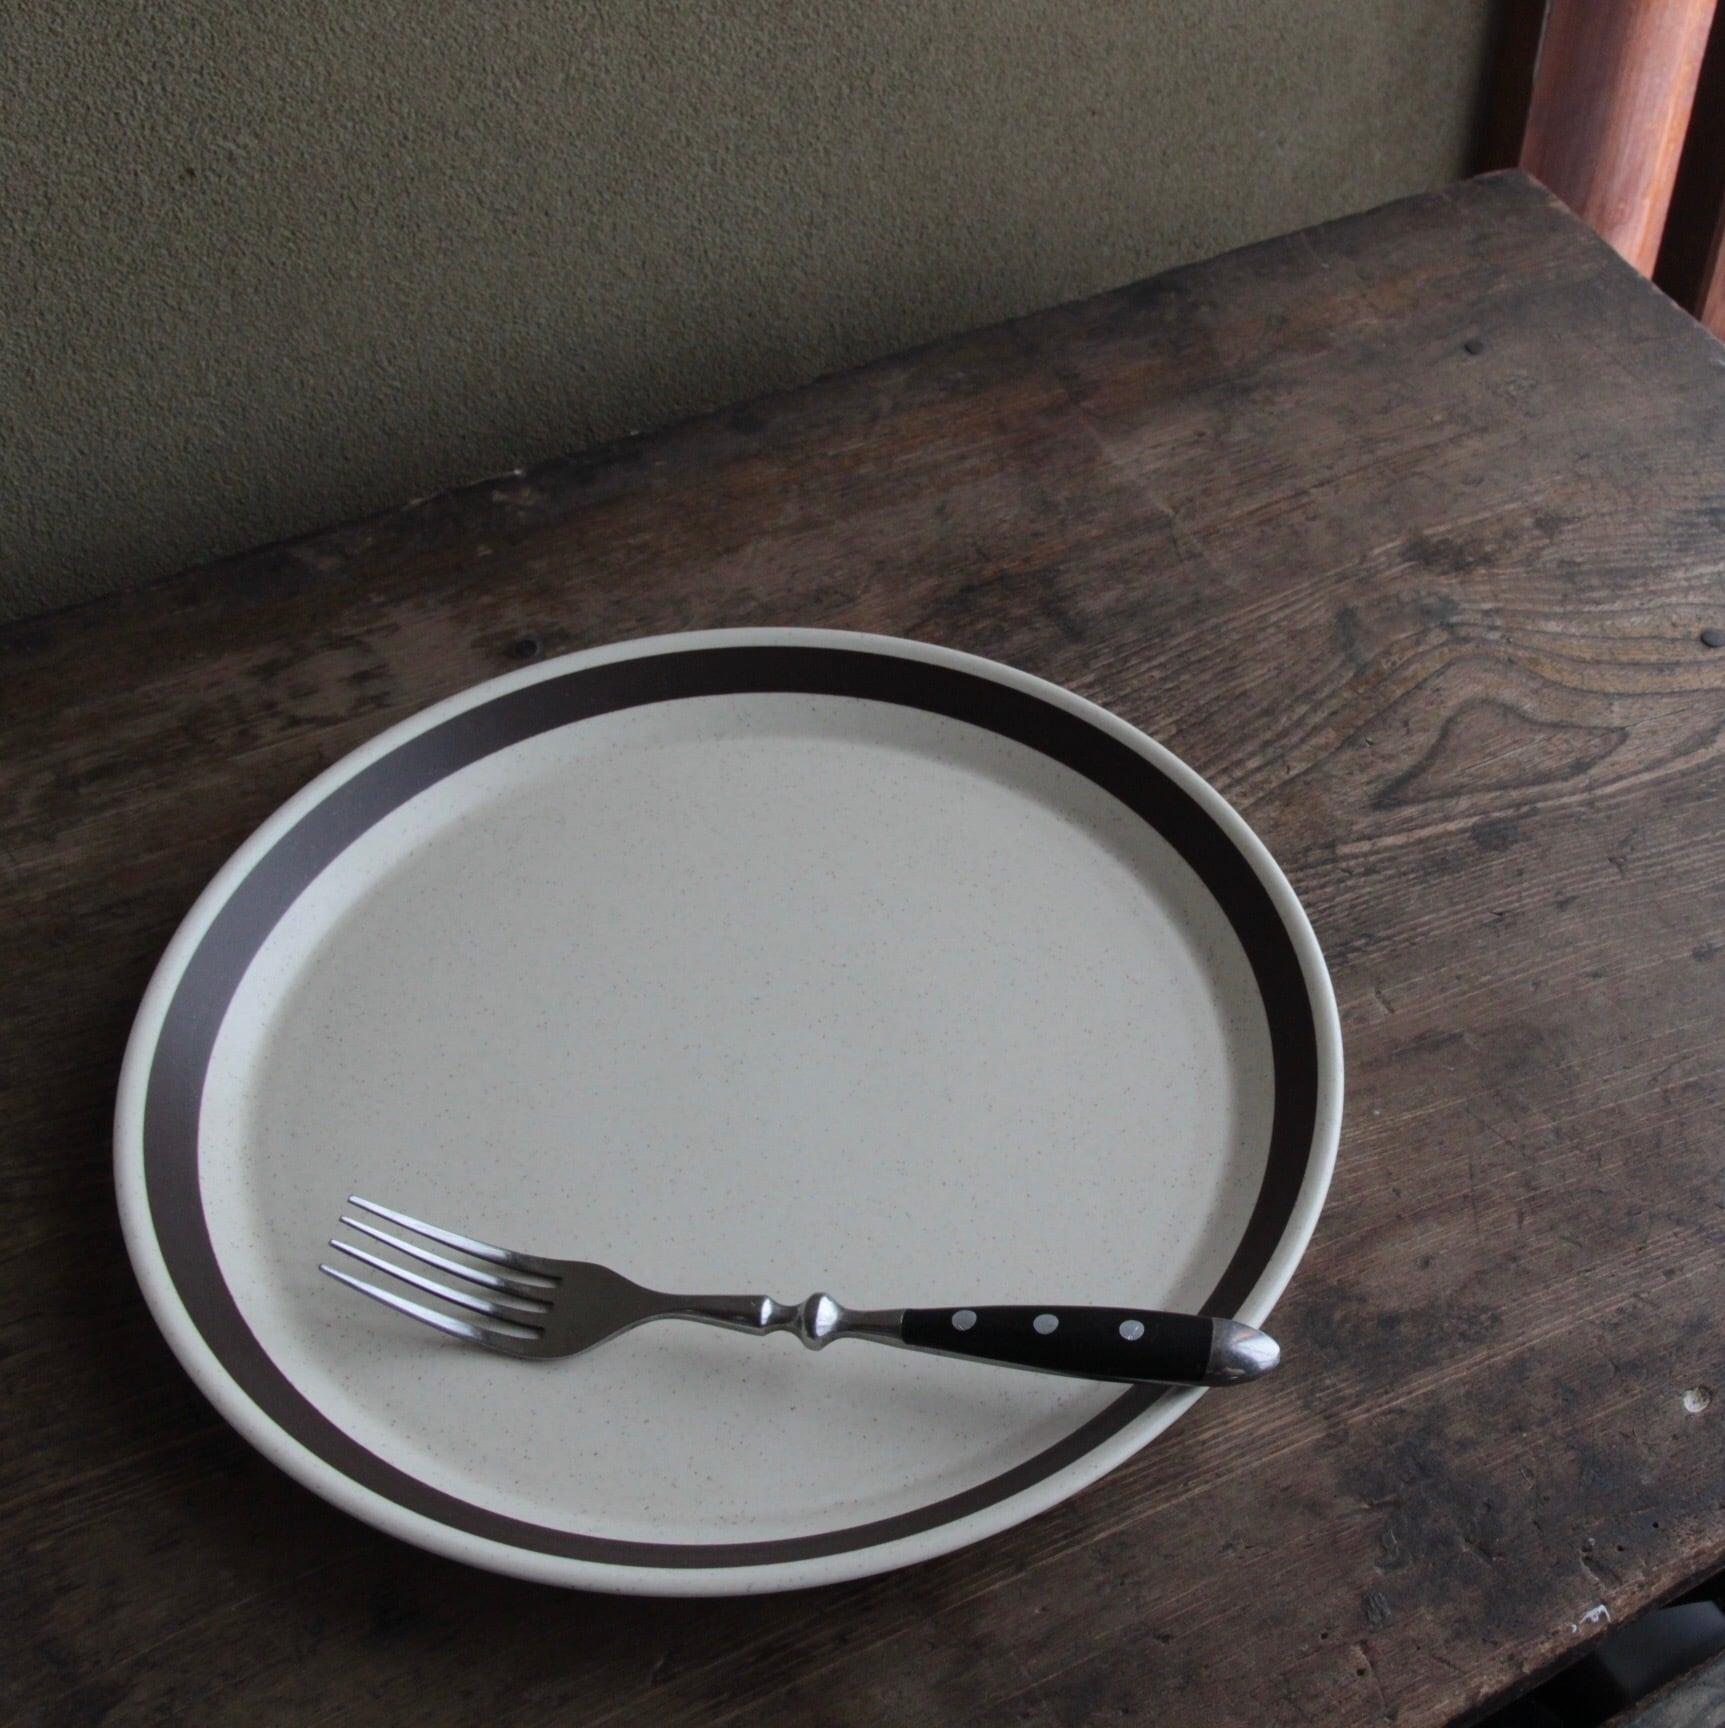 ミカサ ストーンウェア ディナー皿 在庫3枚